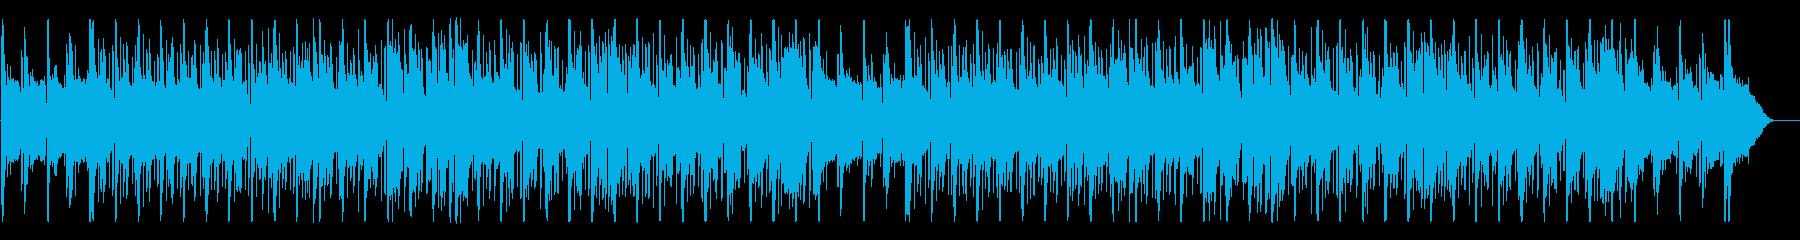 切なく少し寂し気なメロディーのBGMの再生済みの波形